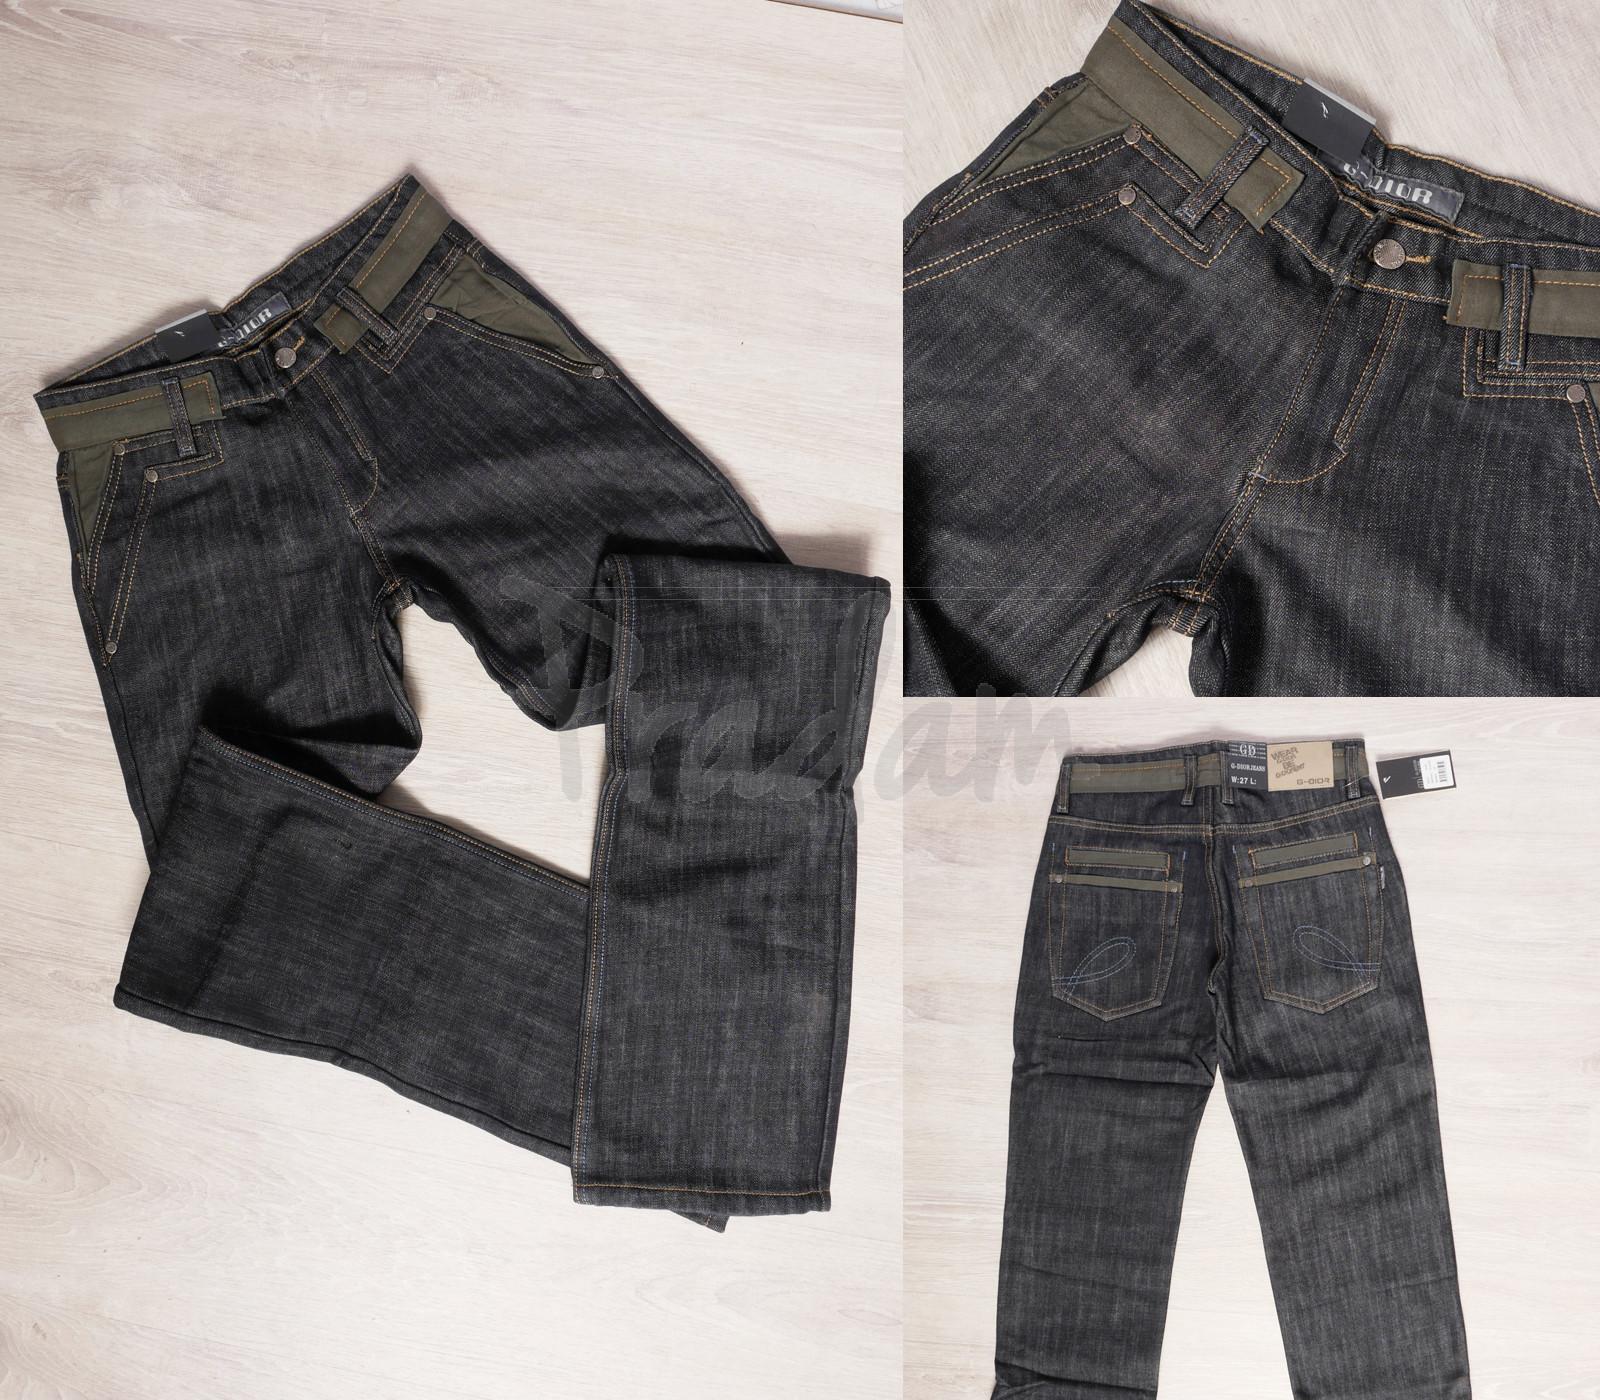 0203 G-Dior джинсы мужские молодежные на флисе зимние стрейчевые (27-30, 4 ед.)